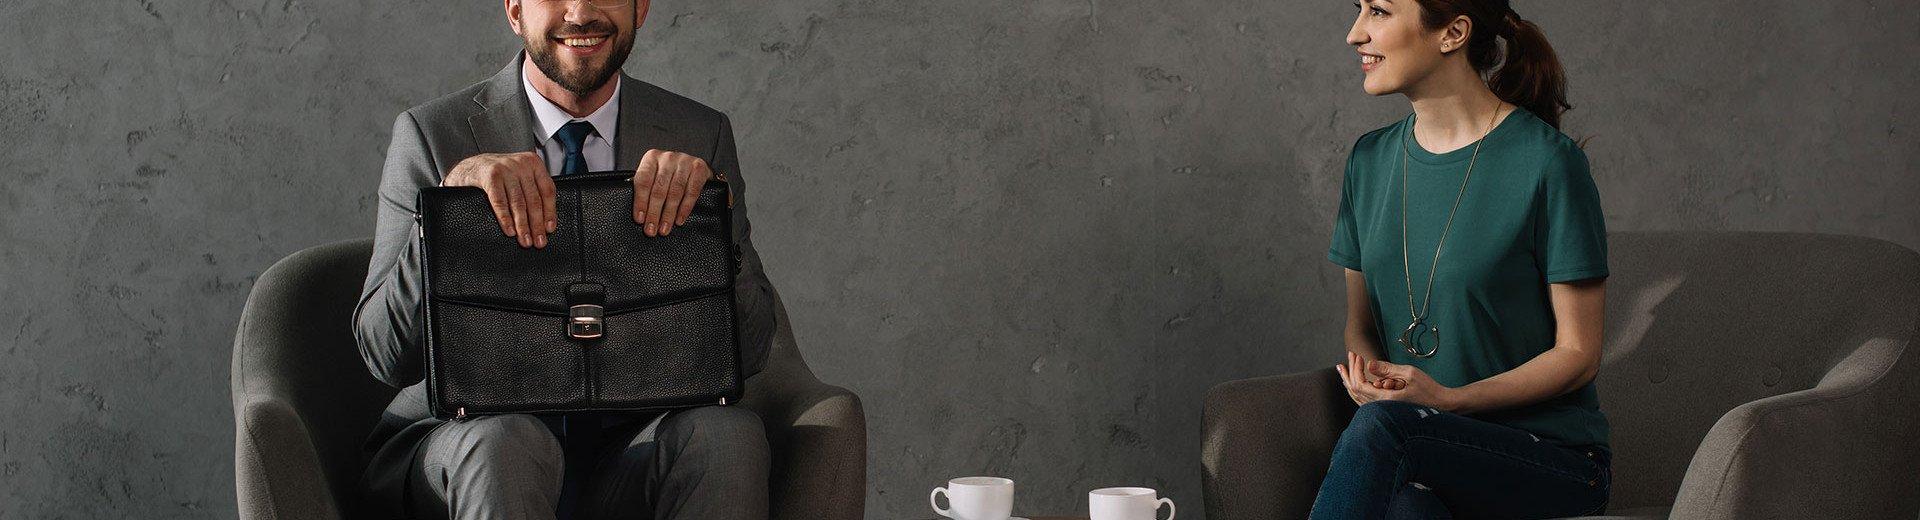 Okładka artykułu Trudna sztuka odmawiania — 6 sygnałów, że lepiej odpuścić współpracę z tym klientem